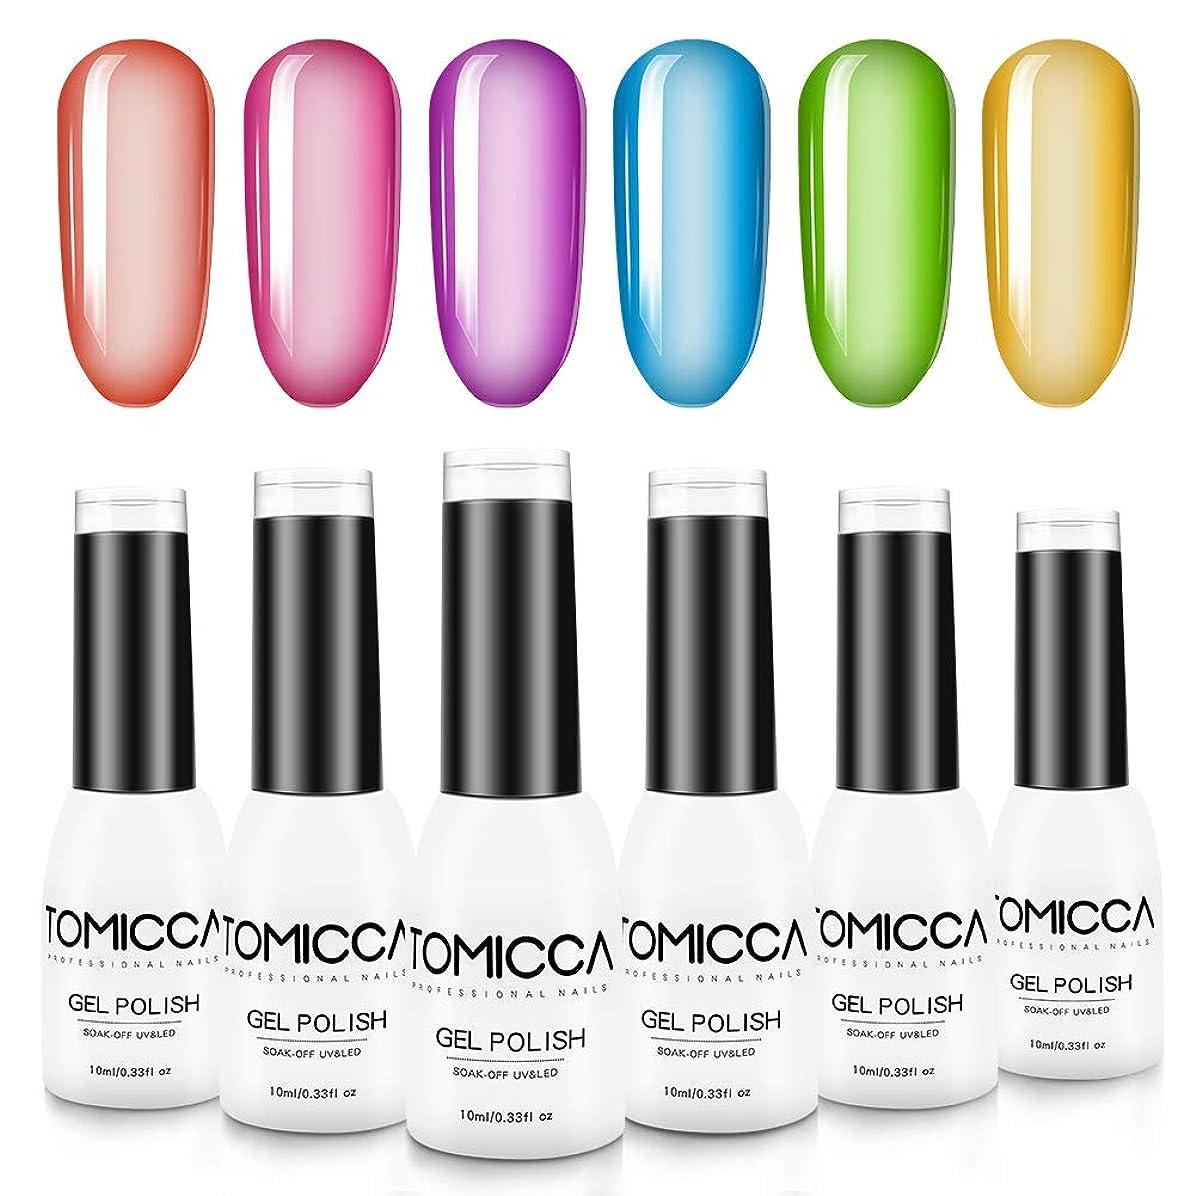 バイオリニストスチール磁気TOMICCA ジェルネイル カラー 6色セット 10ml ピンキーカラー 色持ち良い 可愛い 初心者用カラージェル